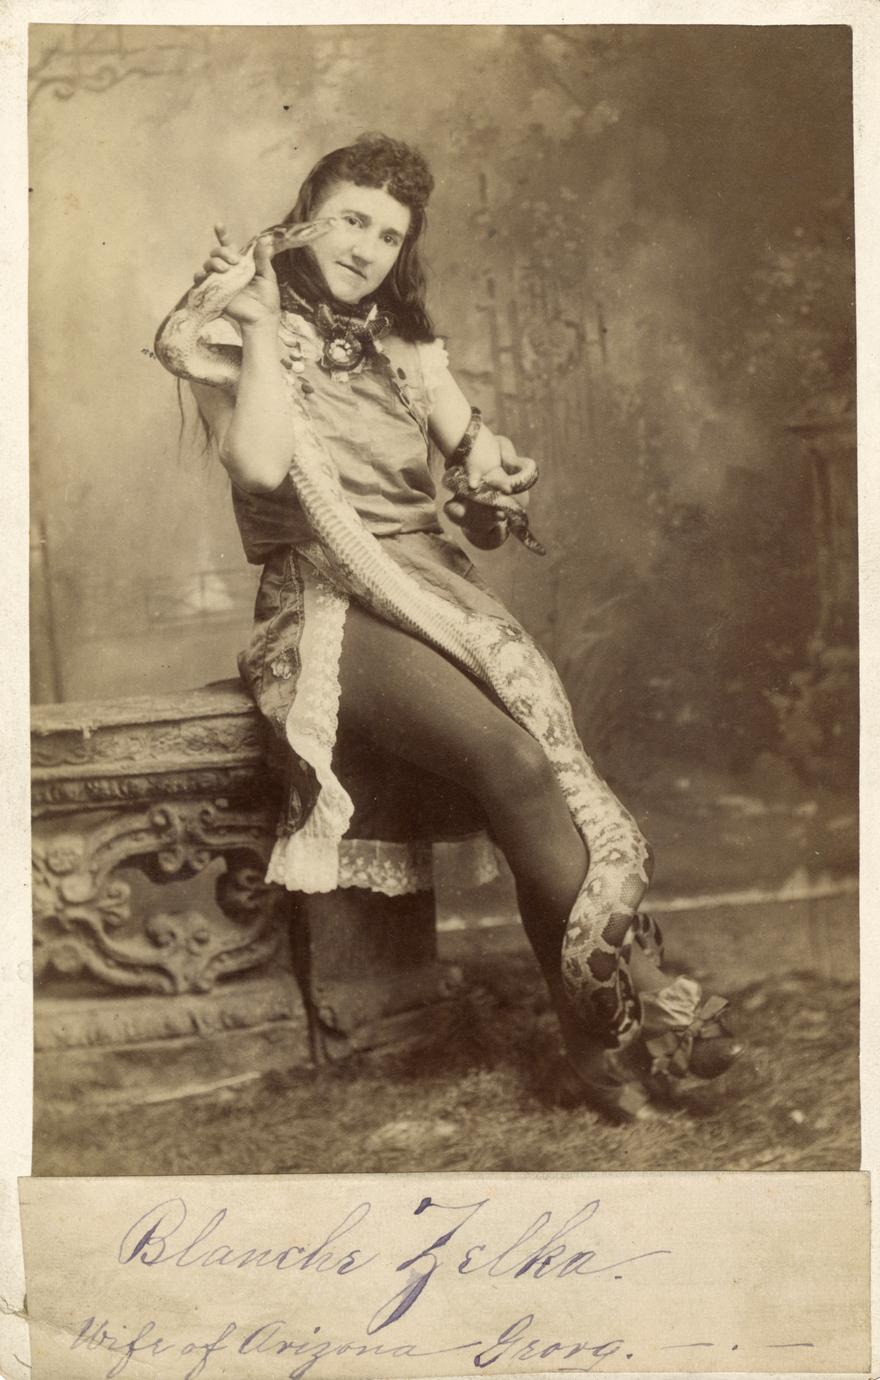 Blanche Zelka, snake charmer (1 of 2)